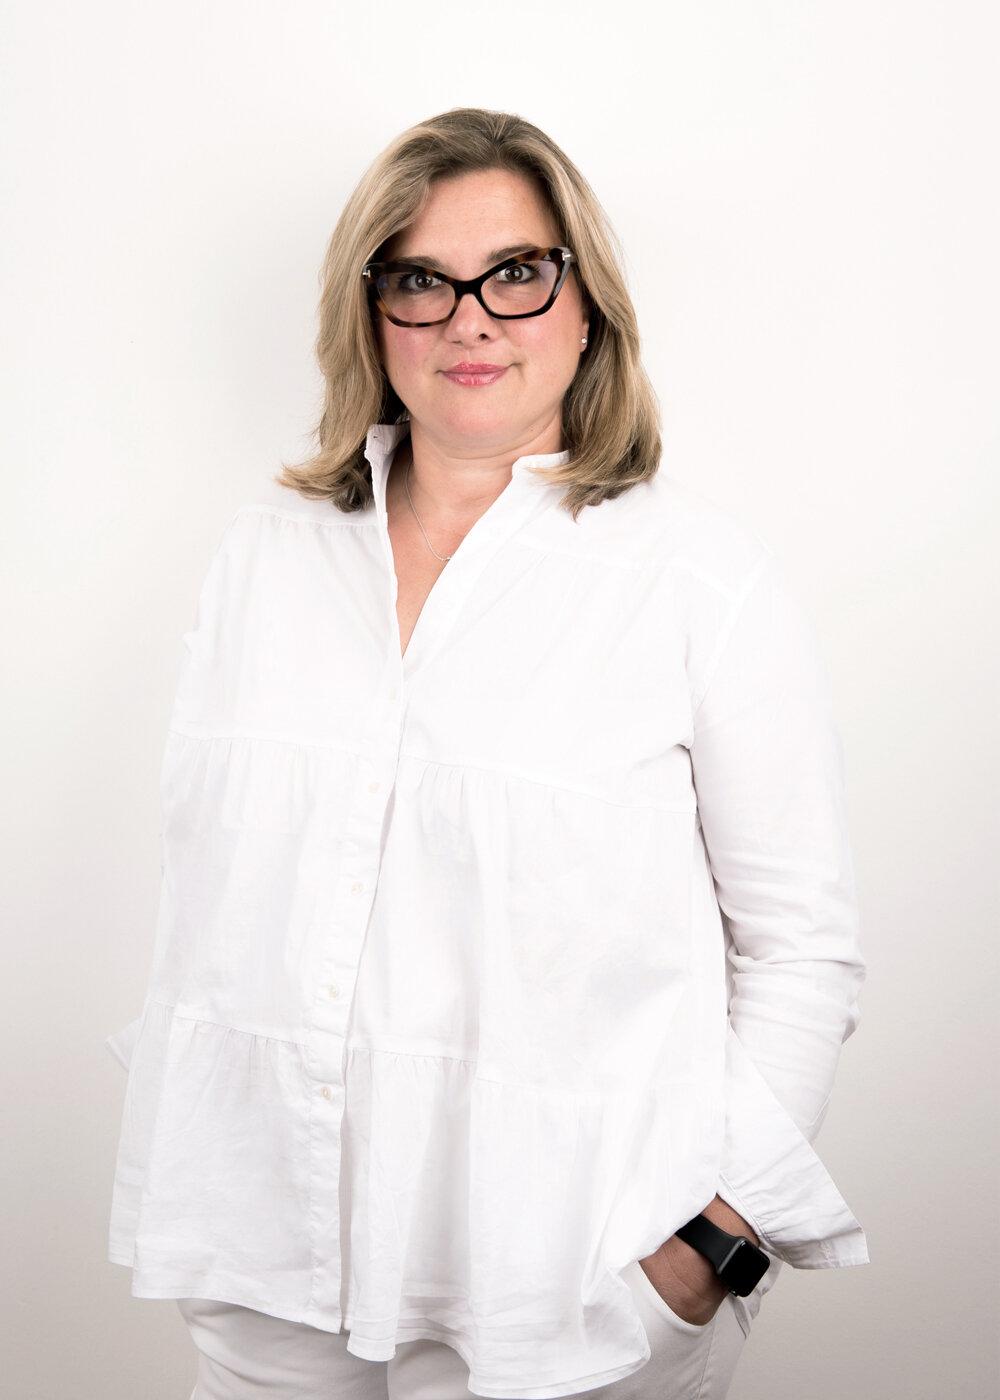 Dr. Gräfin von der Schulenburg — Facharztpraxis Bäkemühle